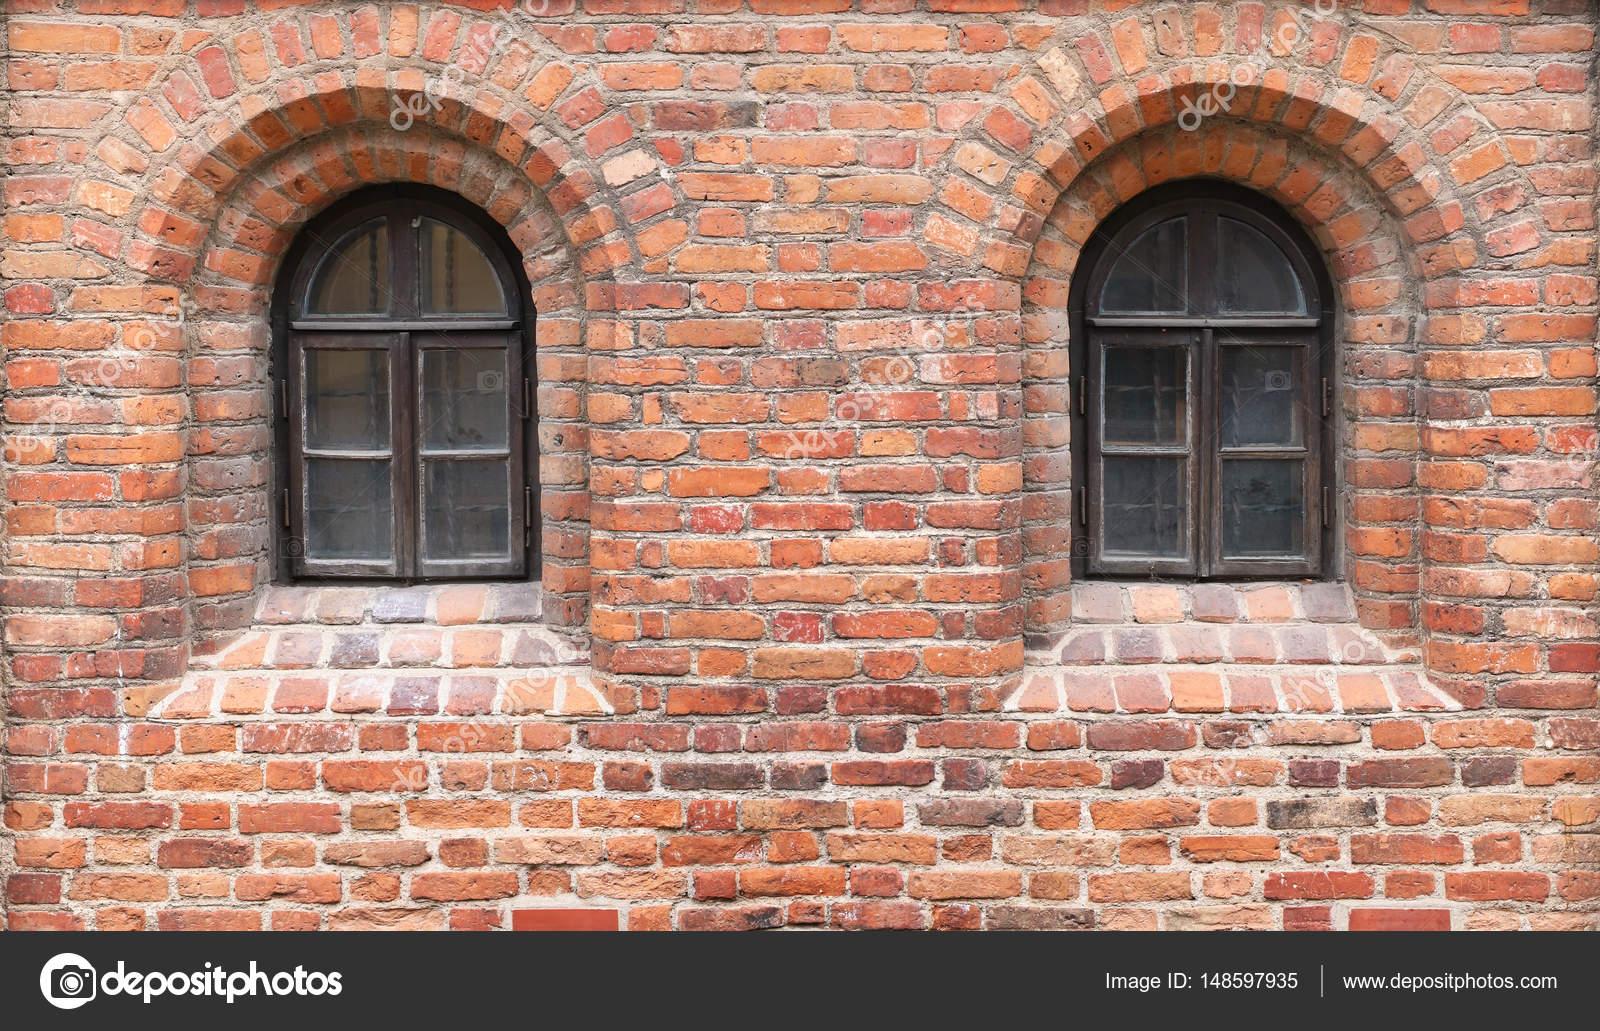 En una pared de ladrillo rojo del castillo medieval hay dos ...